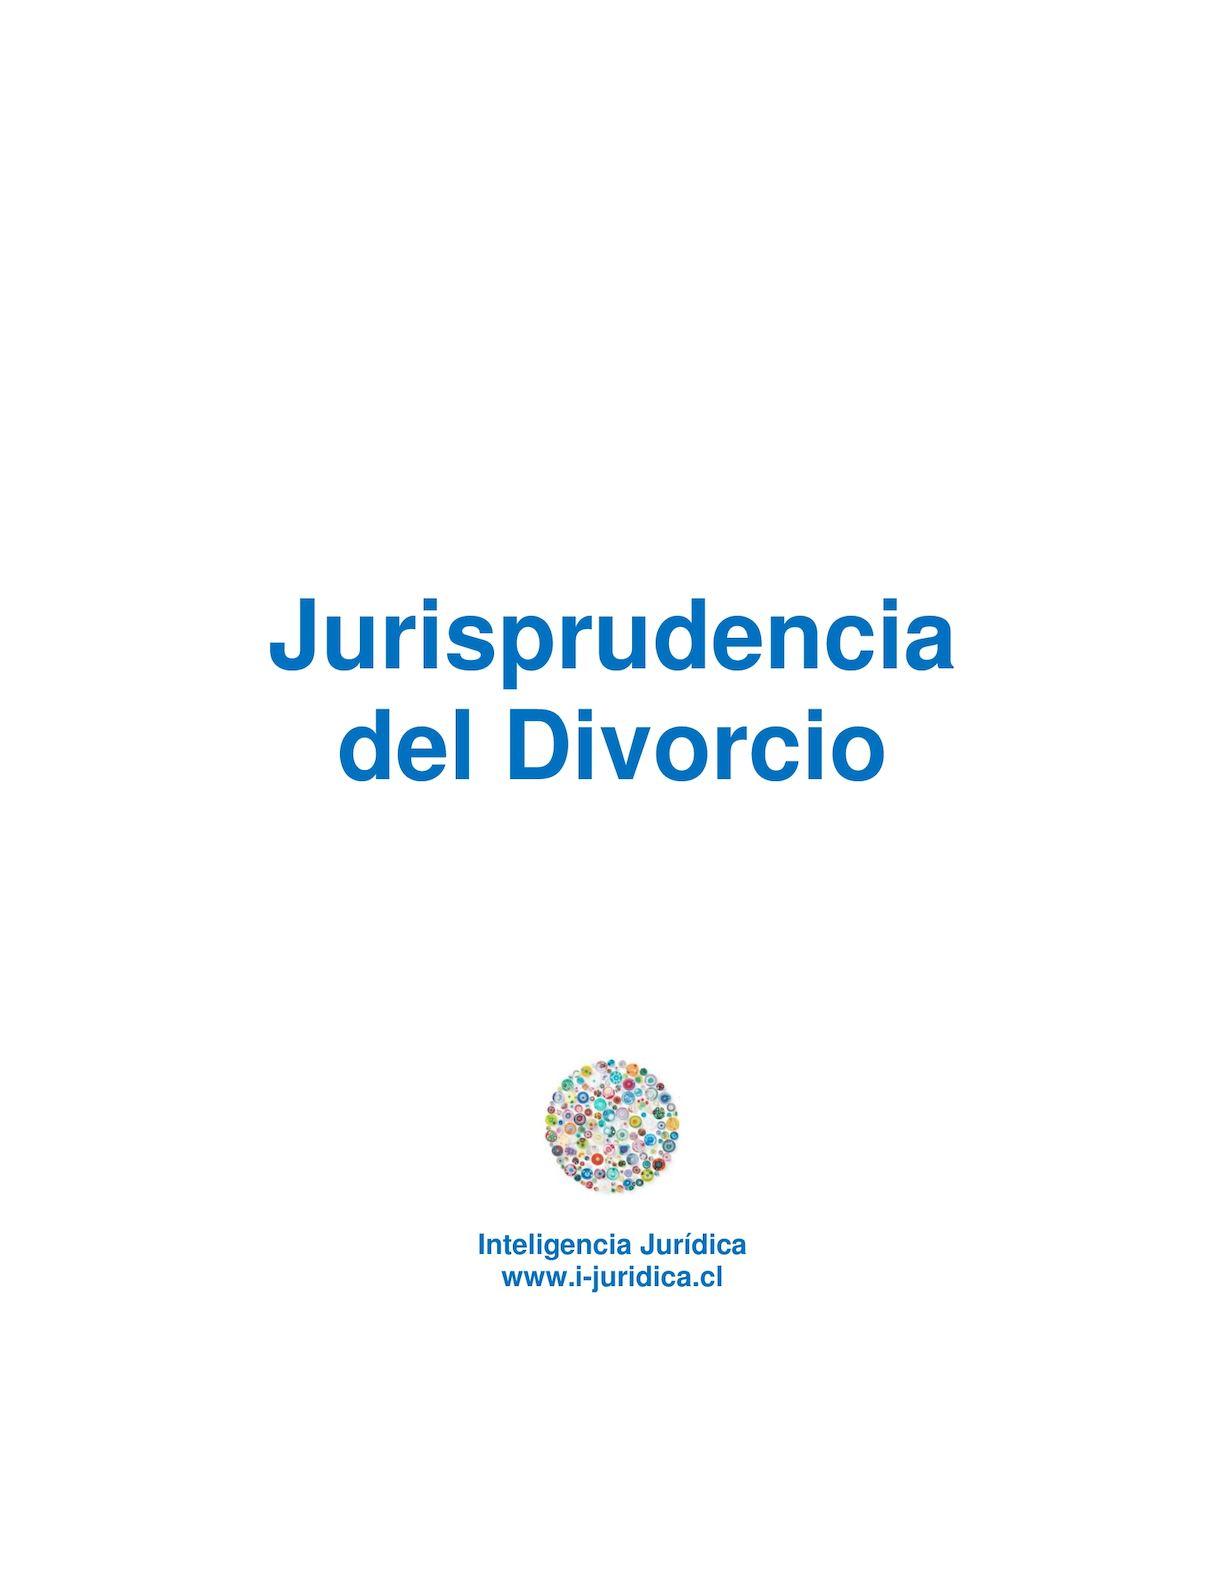 Calaméo - Jurisprudencia Divorcio